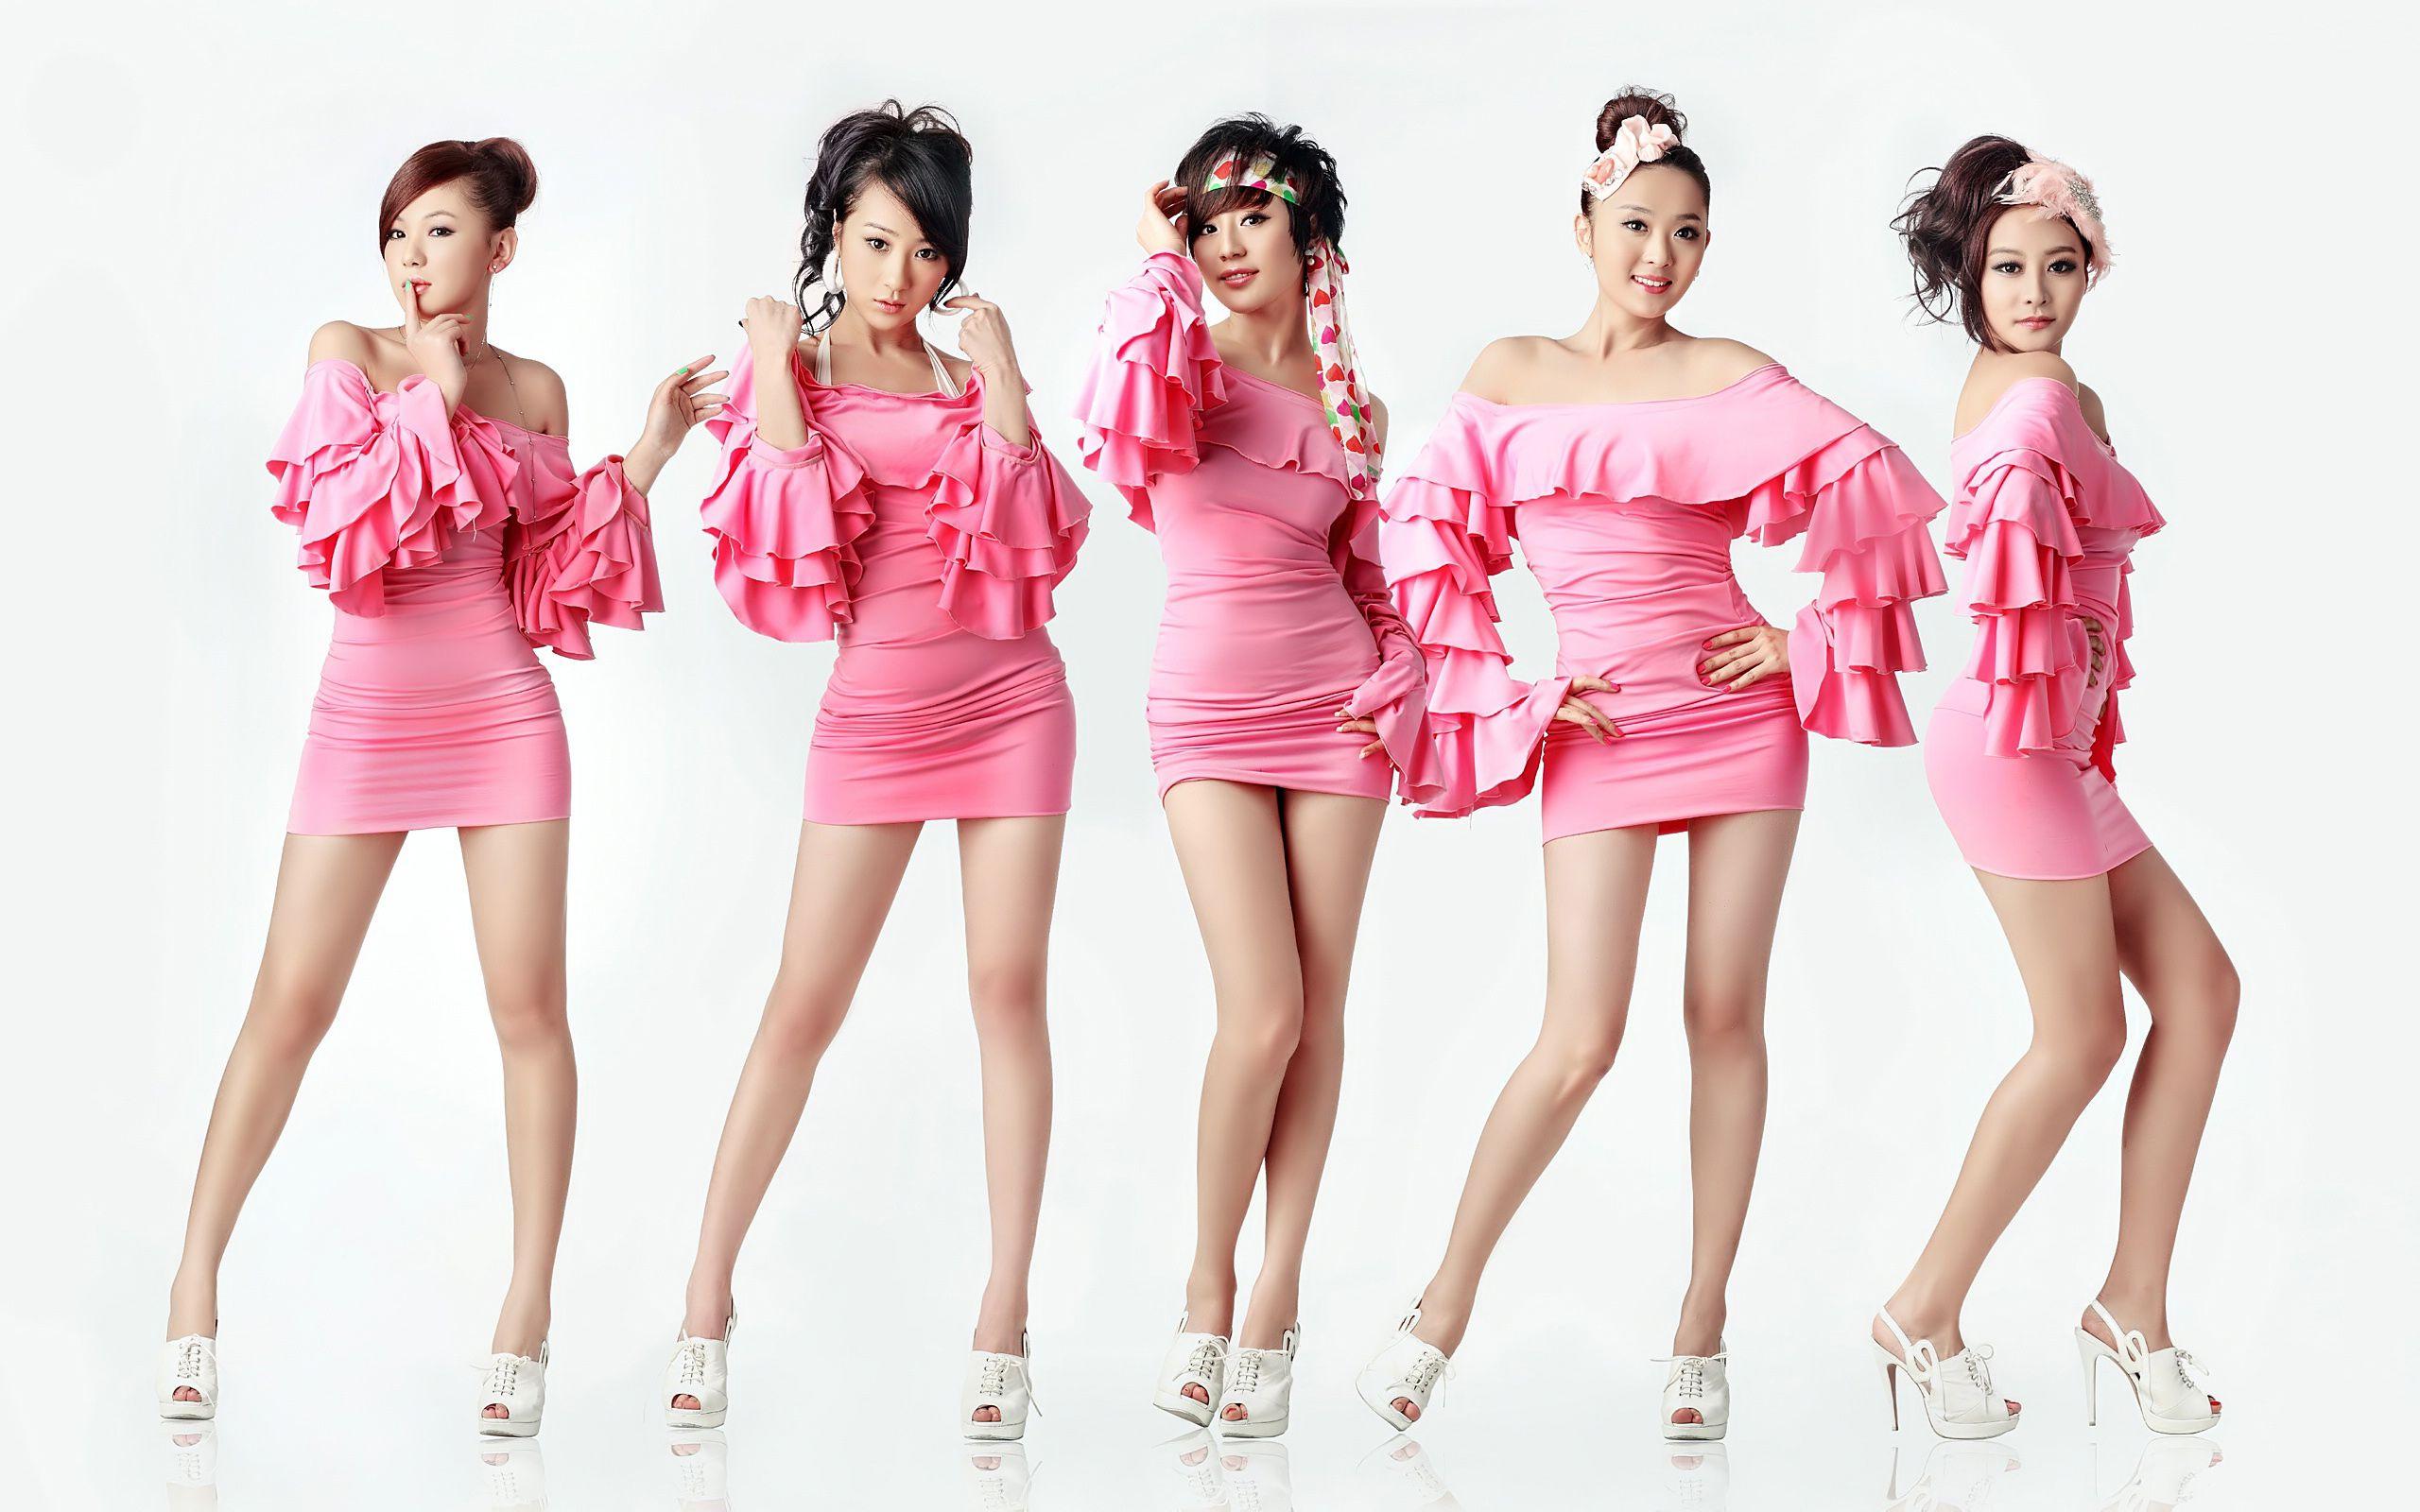 五个穿粉色连衣裙的美女给我一张原图